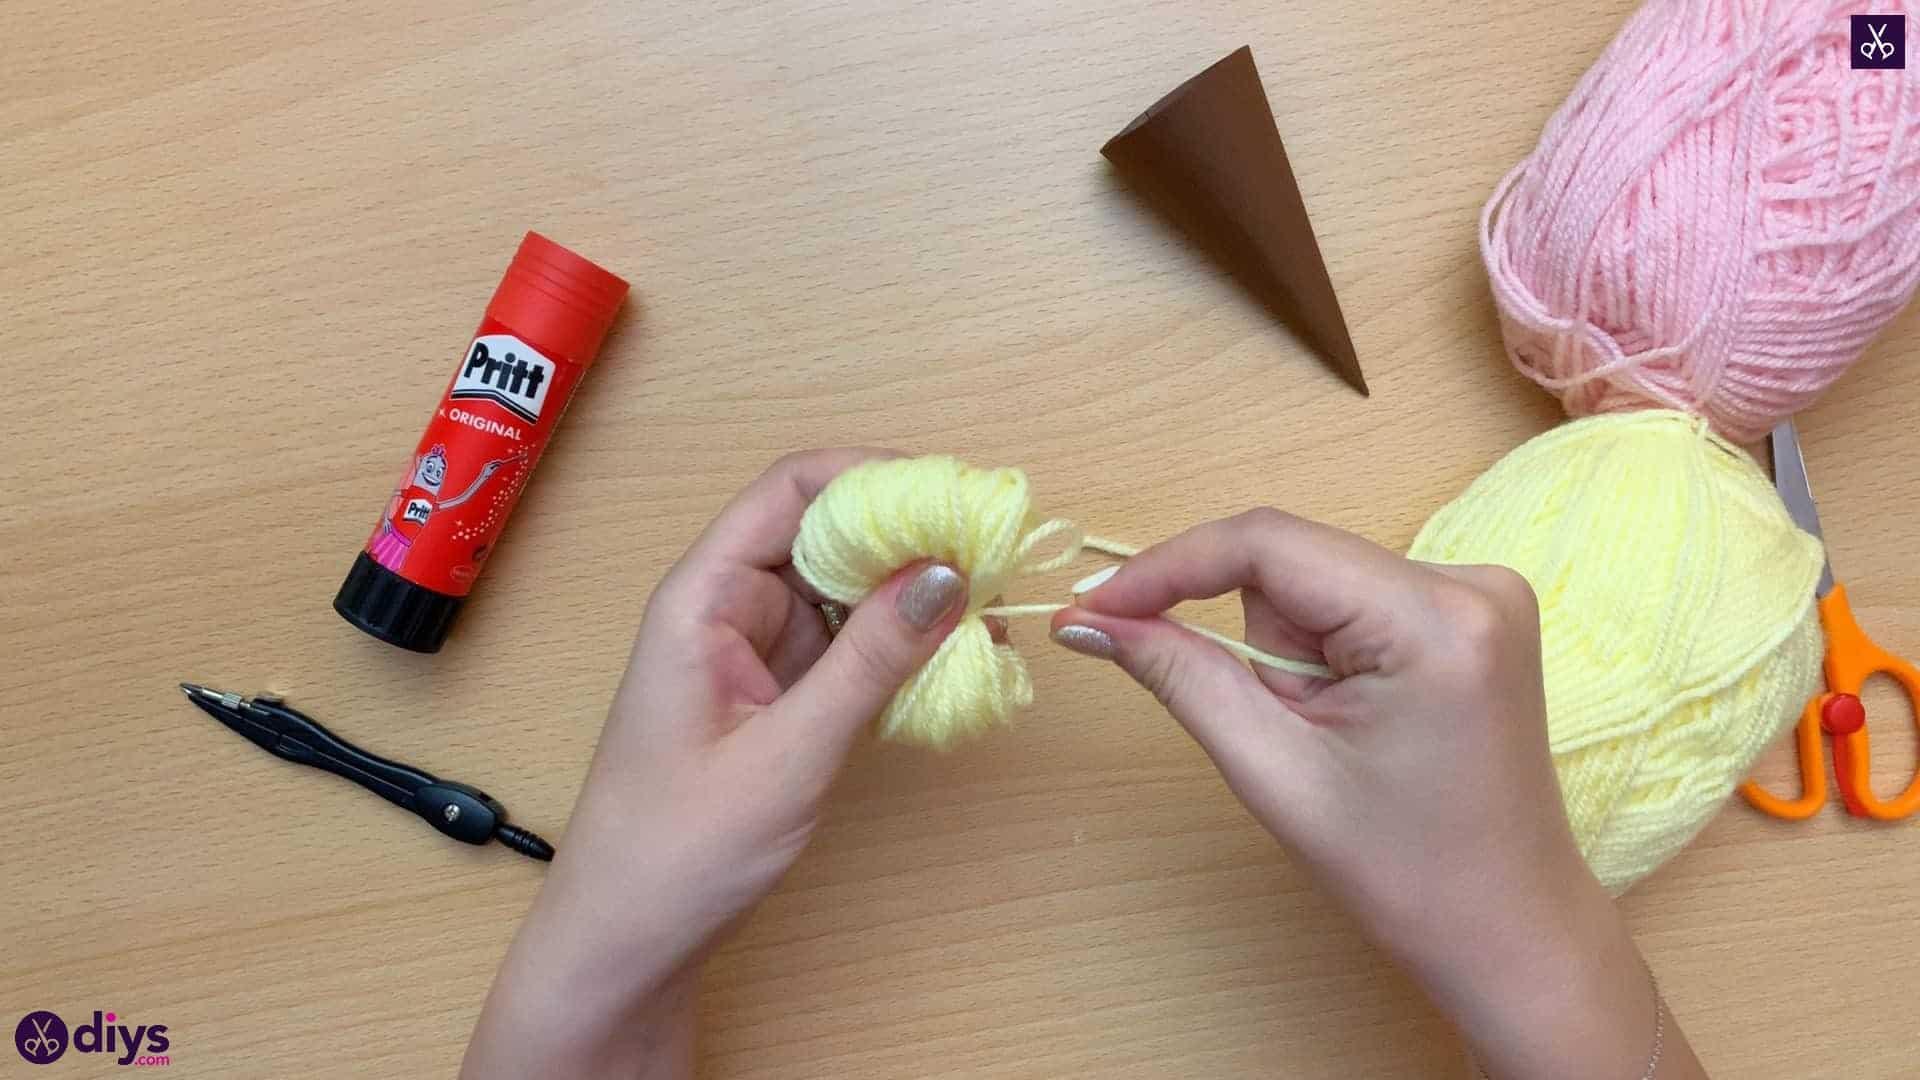 How to make an ice cream pom pom knot